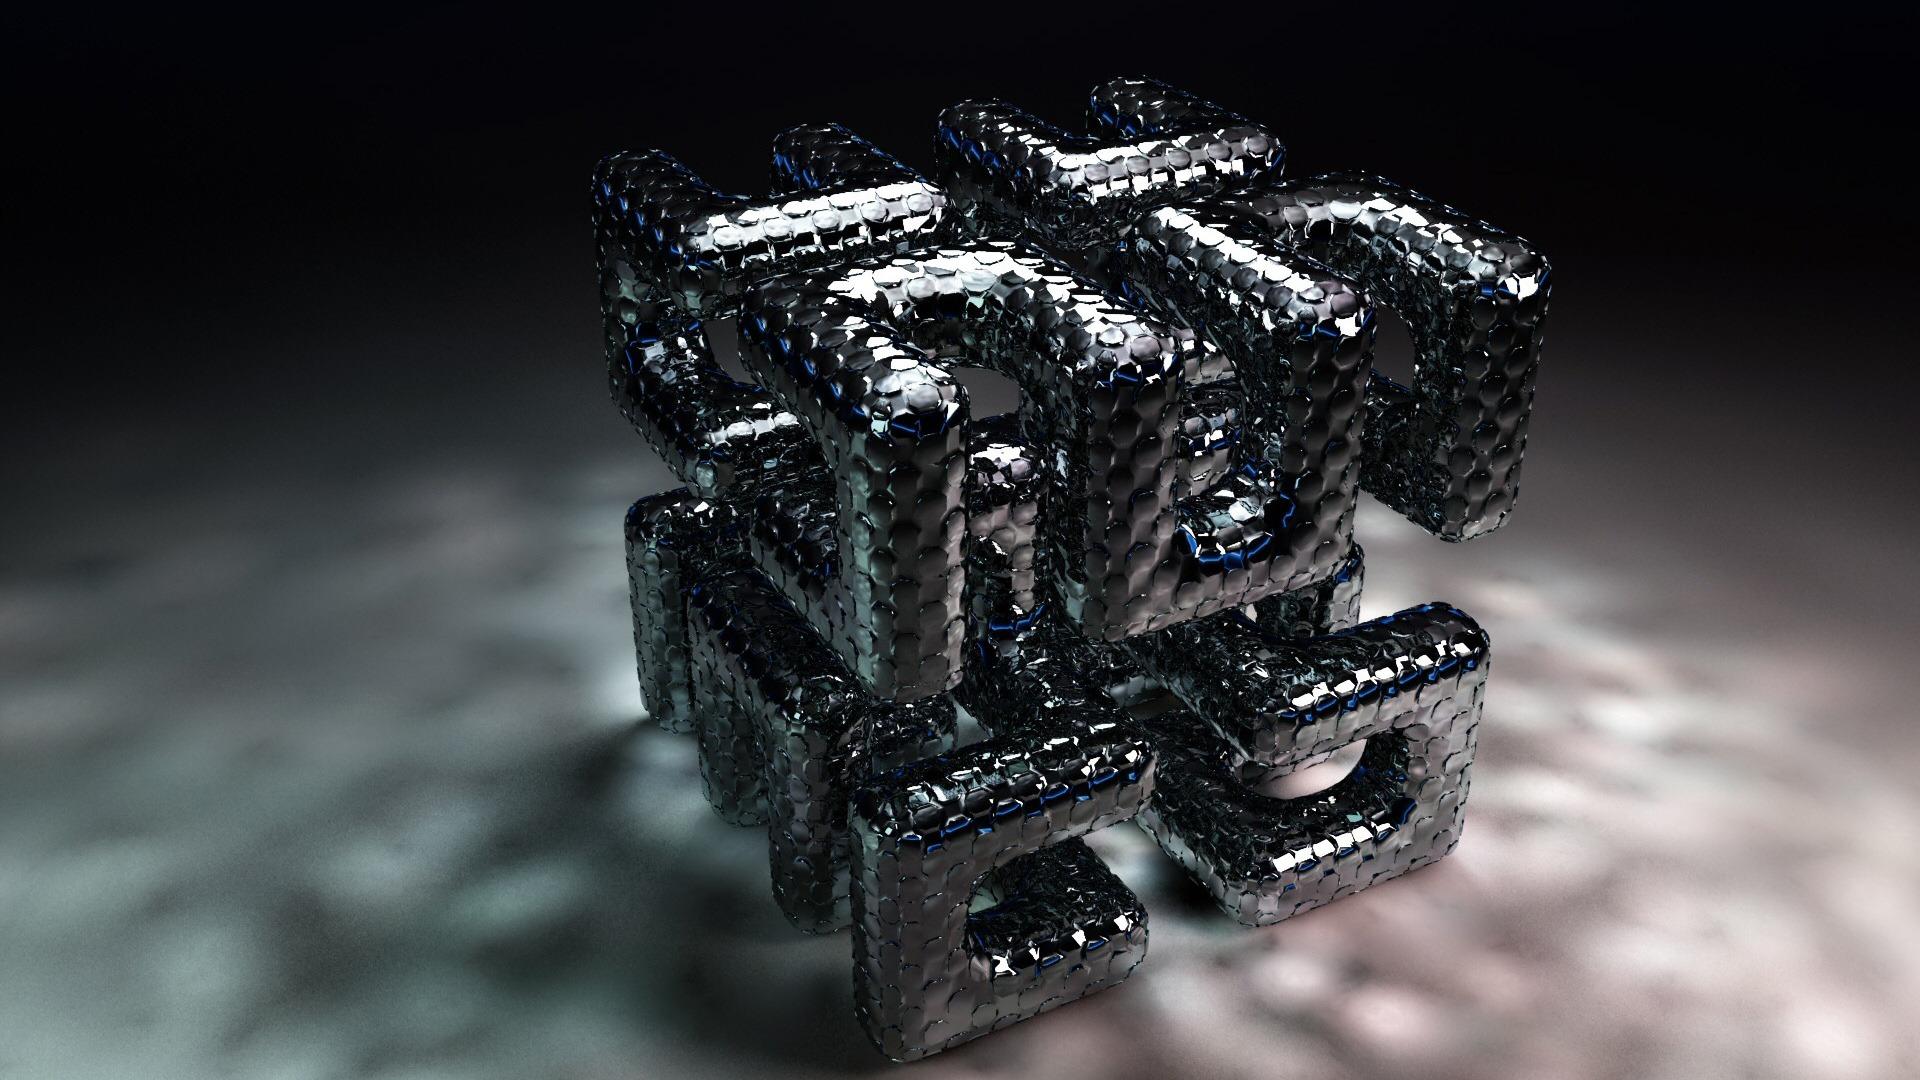 cube hd wallpaper 3d hd wallpaper 3d cube maze maze background 3d maze 1920x1080